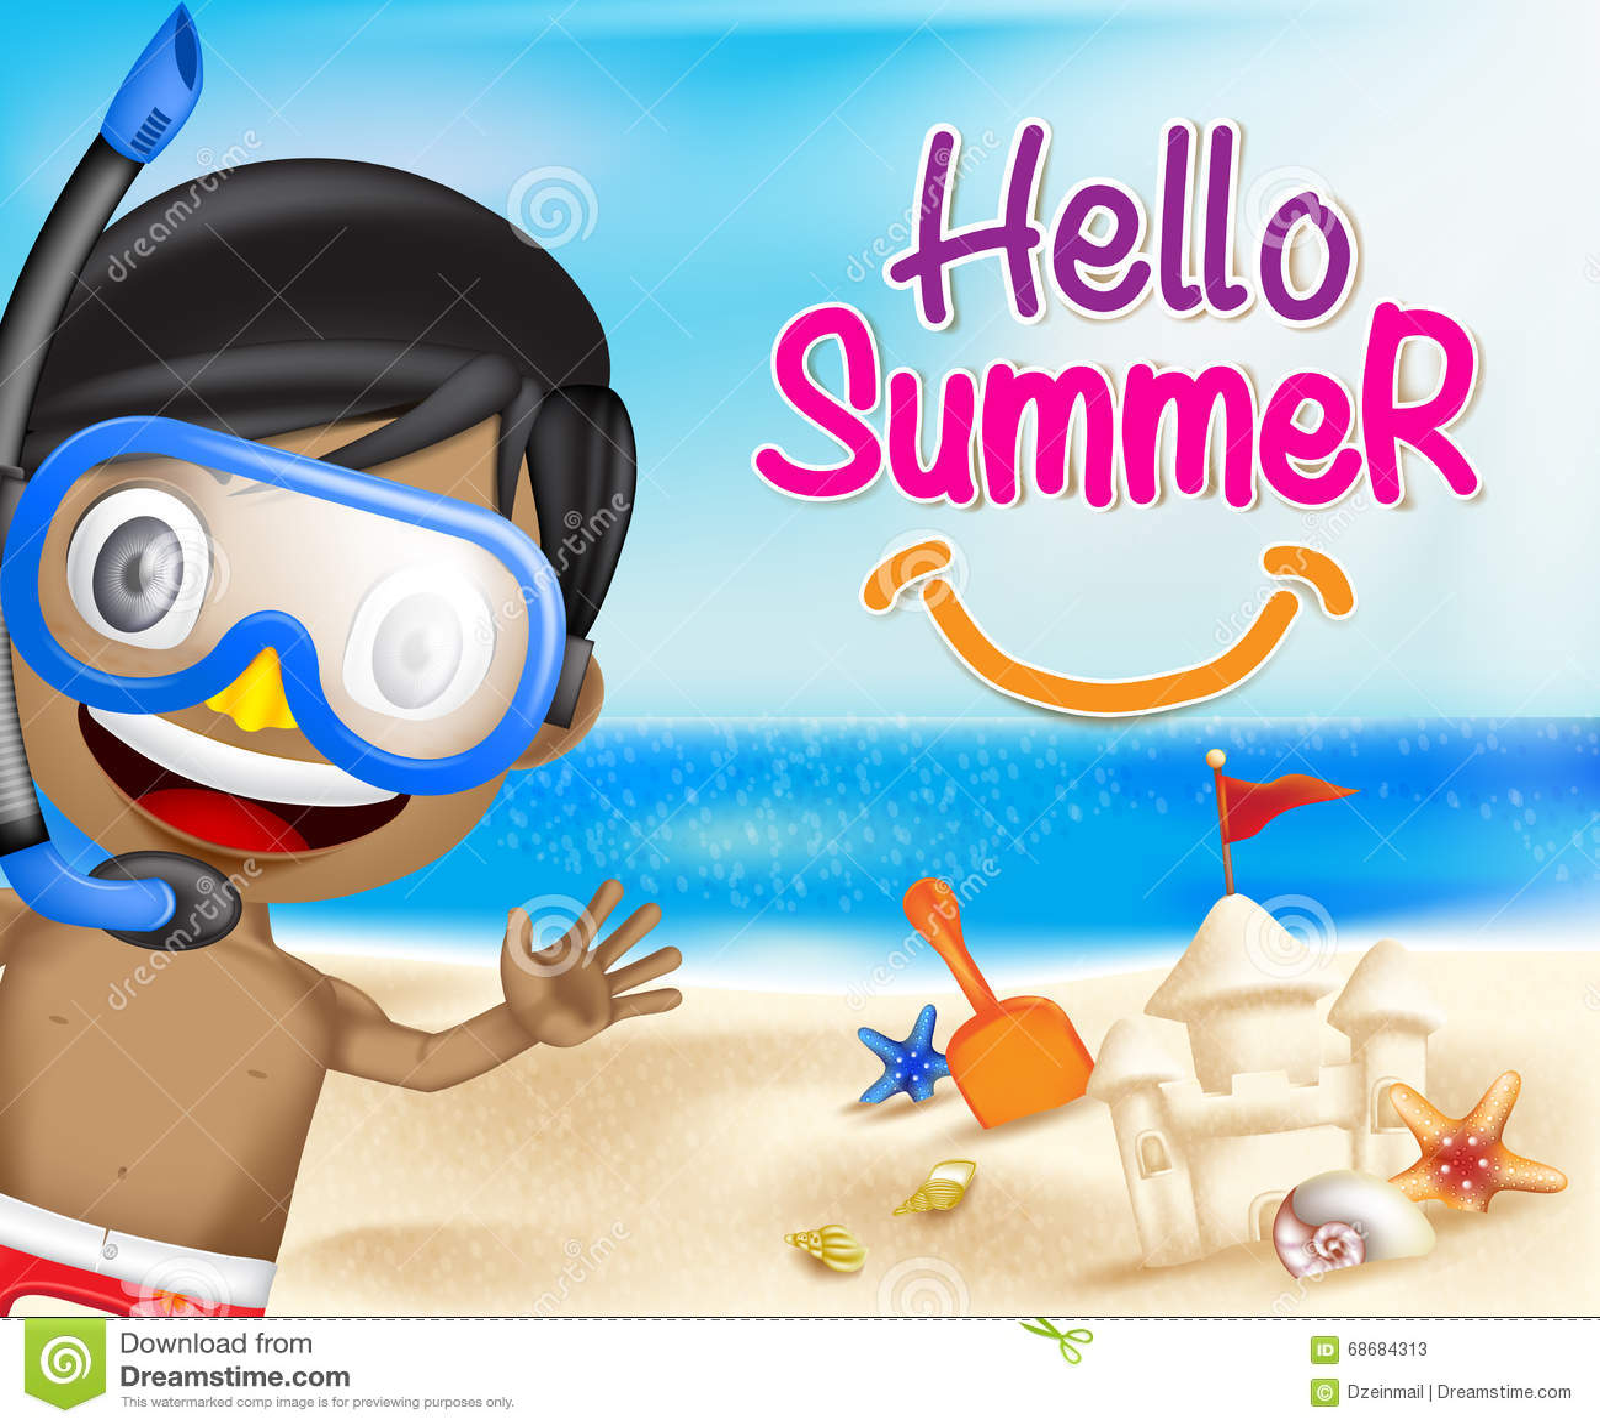 Hello Summer Of A Boy Waving Happy In The Seashore Stock Vector   Image:  6868